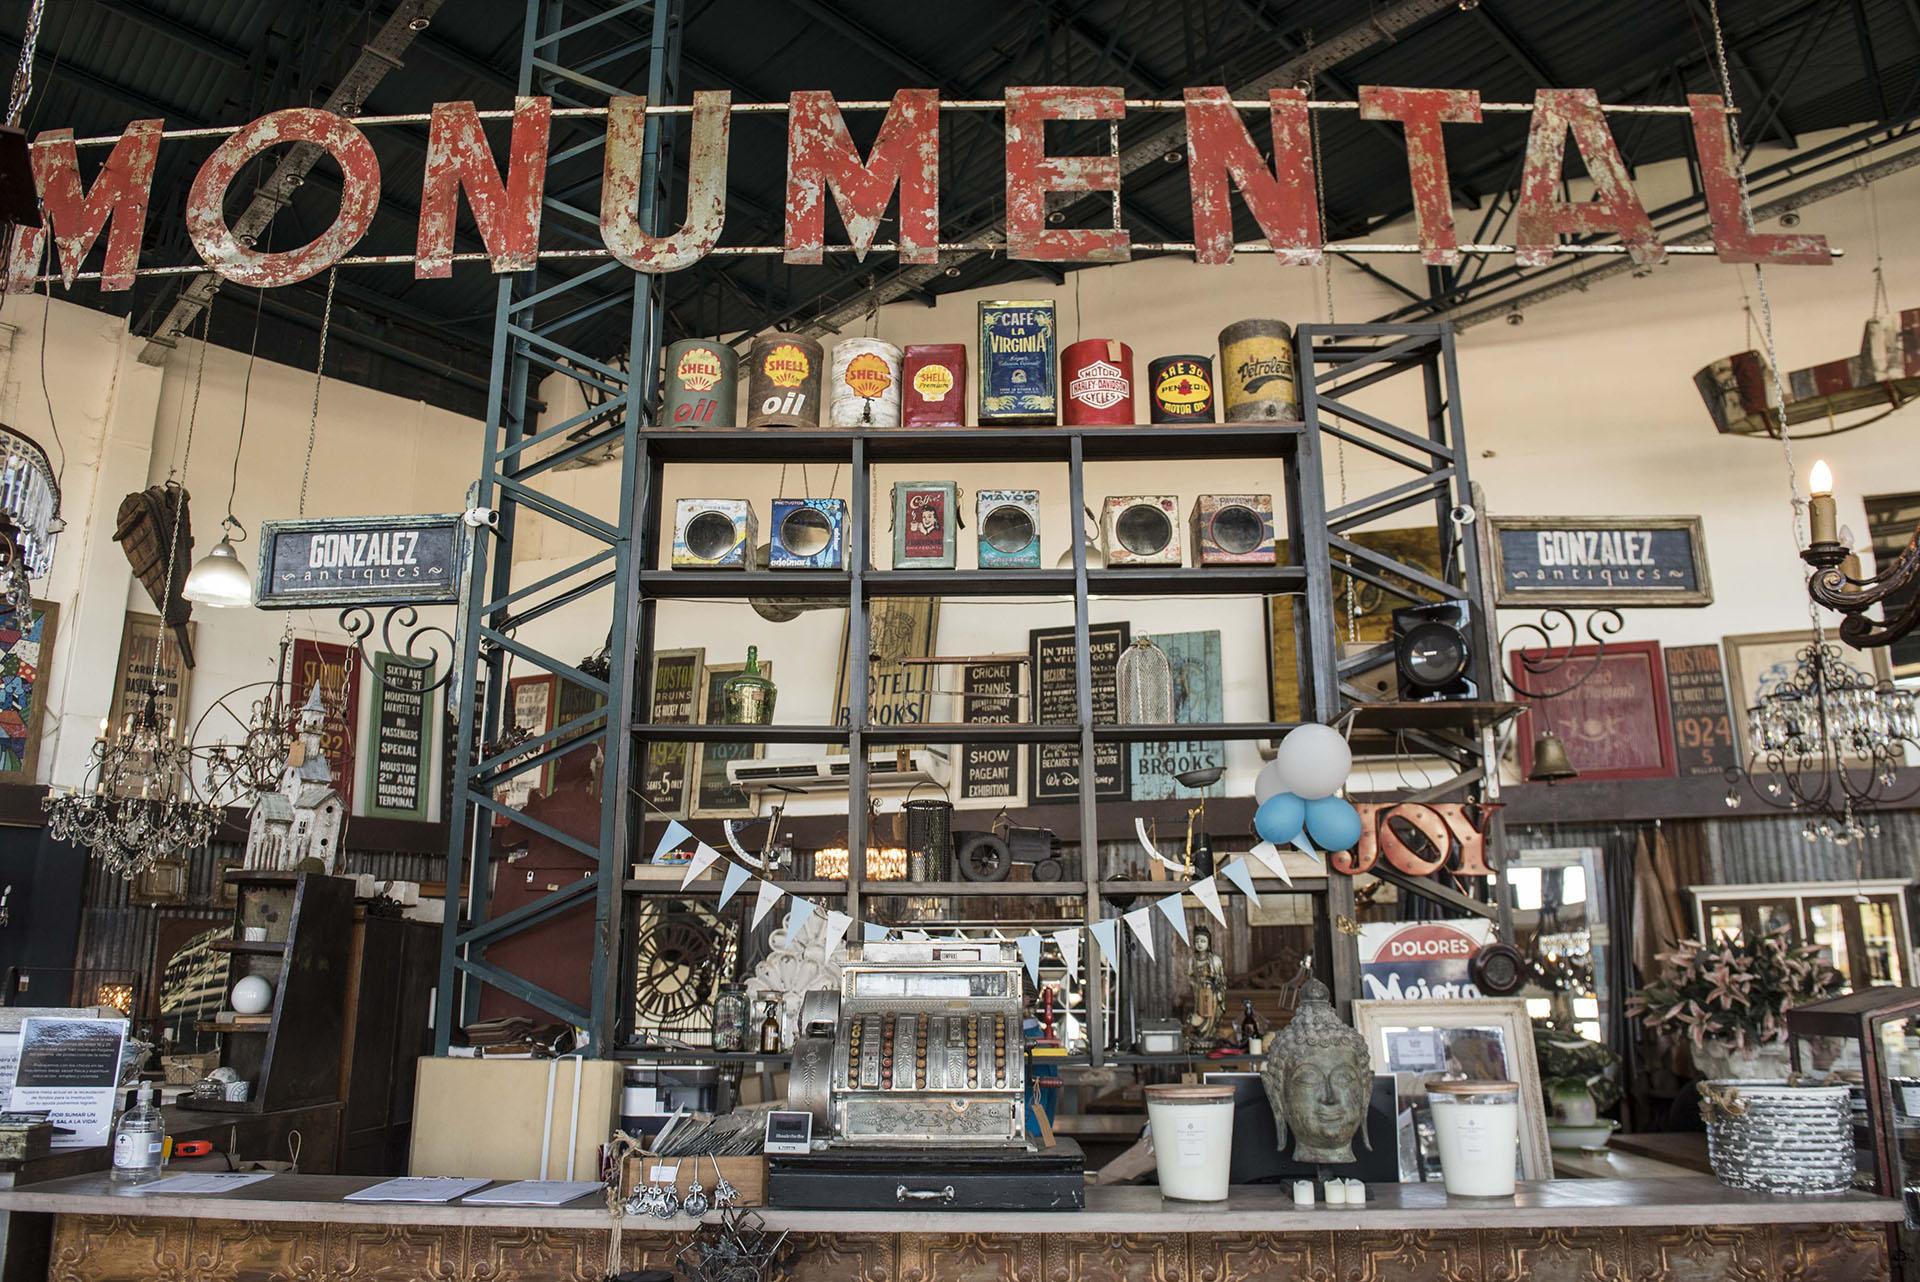 """""""Monumental"""", dice el cartel en el frente de donde se encuentra la caja está lleno de objetos de decoración antiguo como tachos de gasolina de diferentes marcas"""